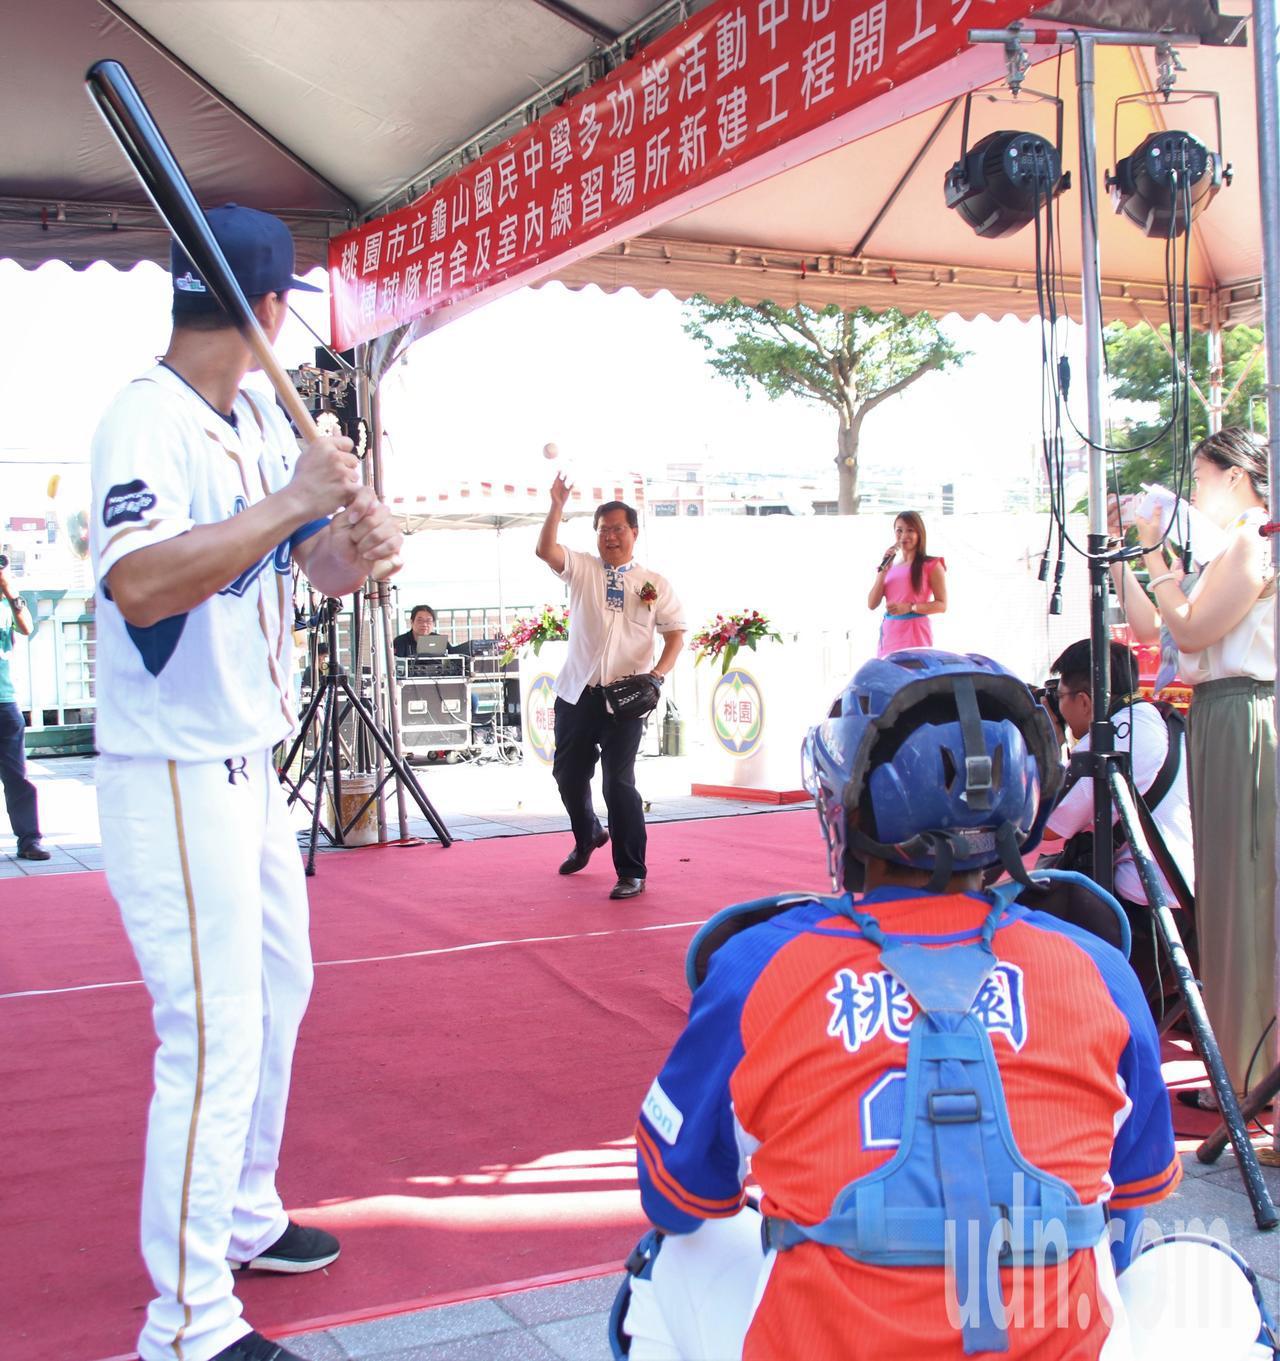 鄭文燦(中)在棒球上簽名,並以象徵性開球揭開動土典禮。記者曾健祐/攝影